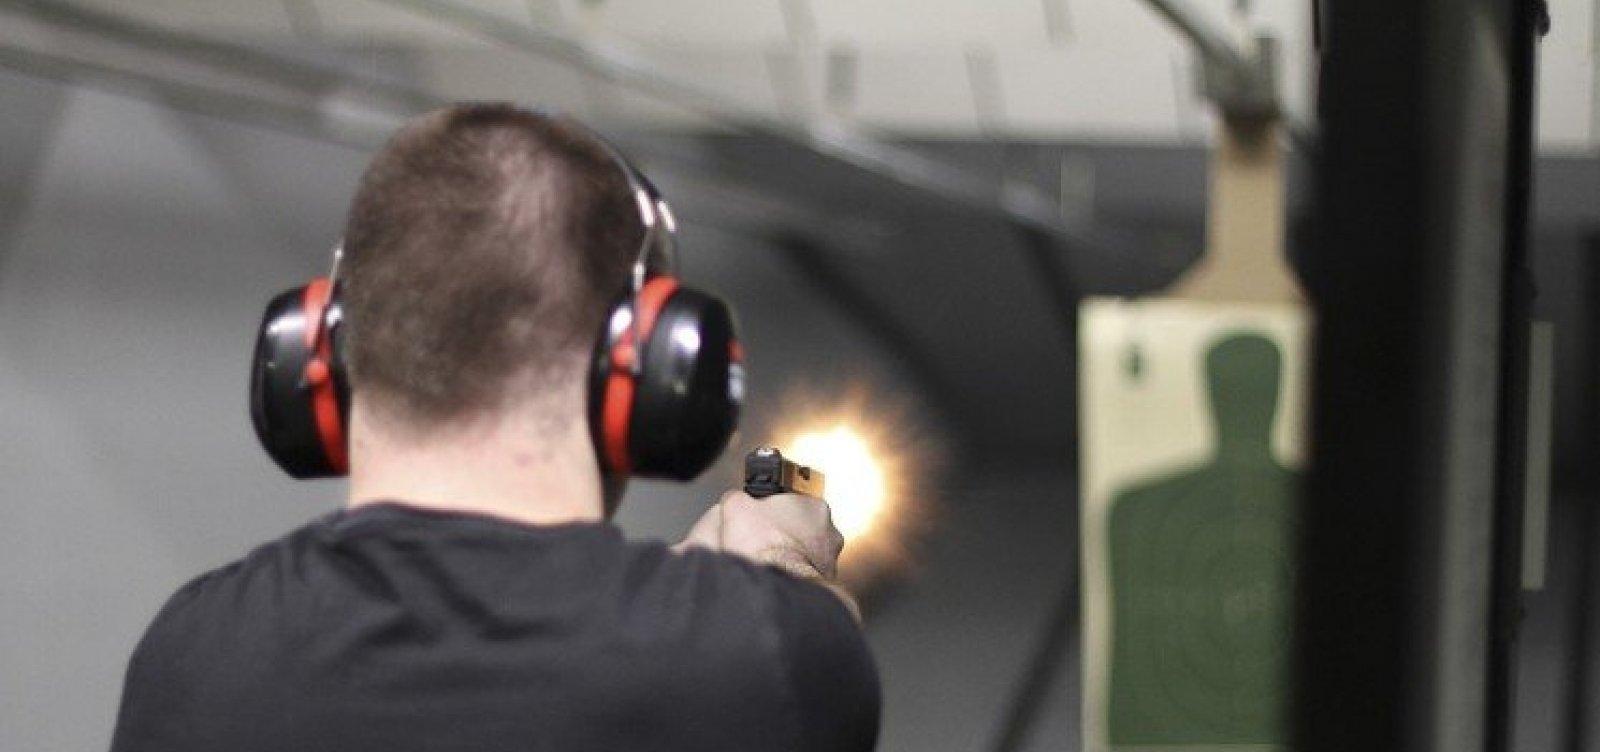 Crescimento de Bolsonaro leva ações de fabricantes de armas dobrarem, diz jornal